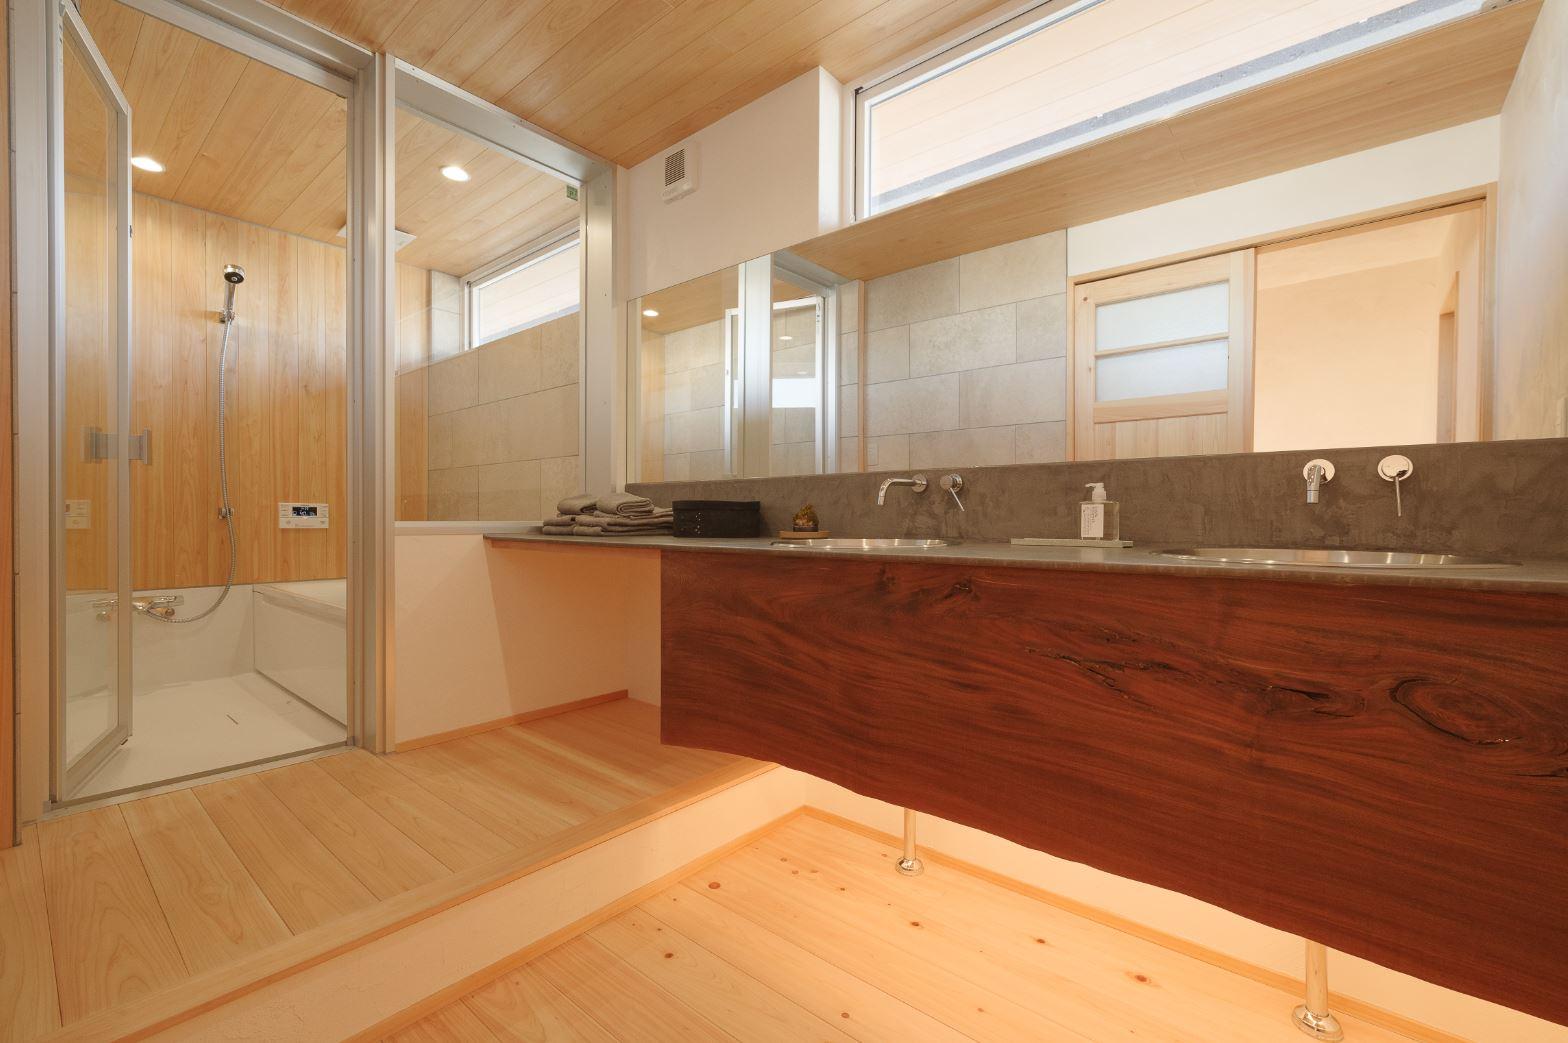 アイジースタイルハウス【浜松市東区和田町439-1・モデルハウス】2階の浴室は、ひのきと石で造作したハーフユニット仕様。宙に浮かぶようにデザインされたパウダーコーナーは、 シンクを2つ設けたことで忙しい朝の混雑も解消できる。透明のガラスとワイドな鏡を採用したことで、より開放感が生まれた